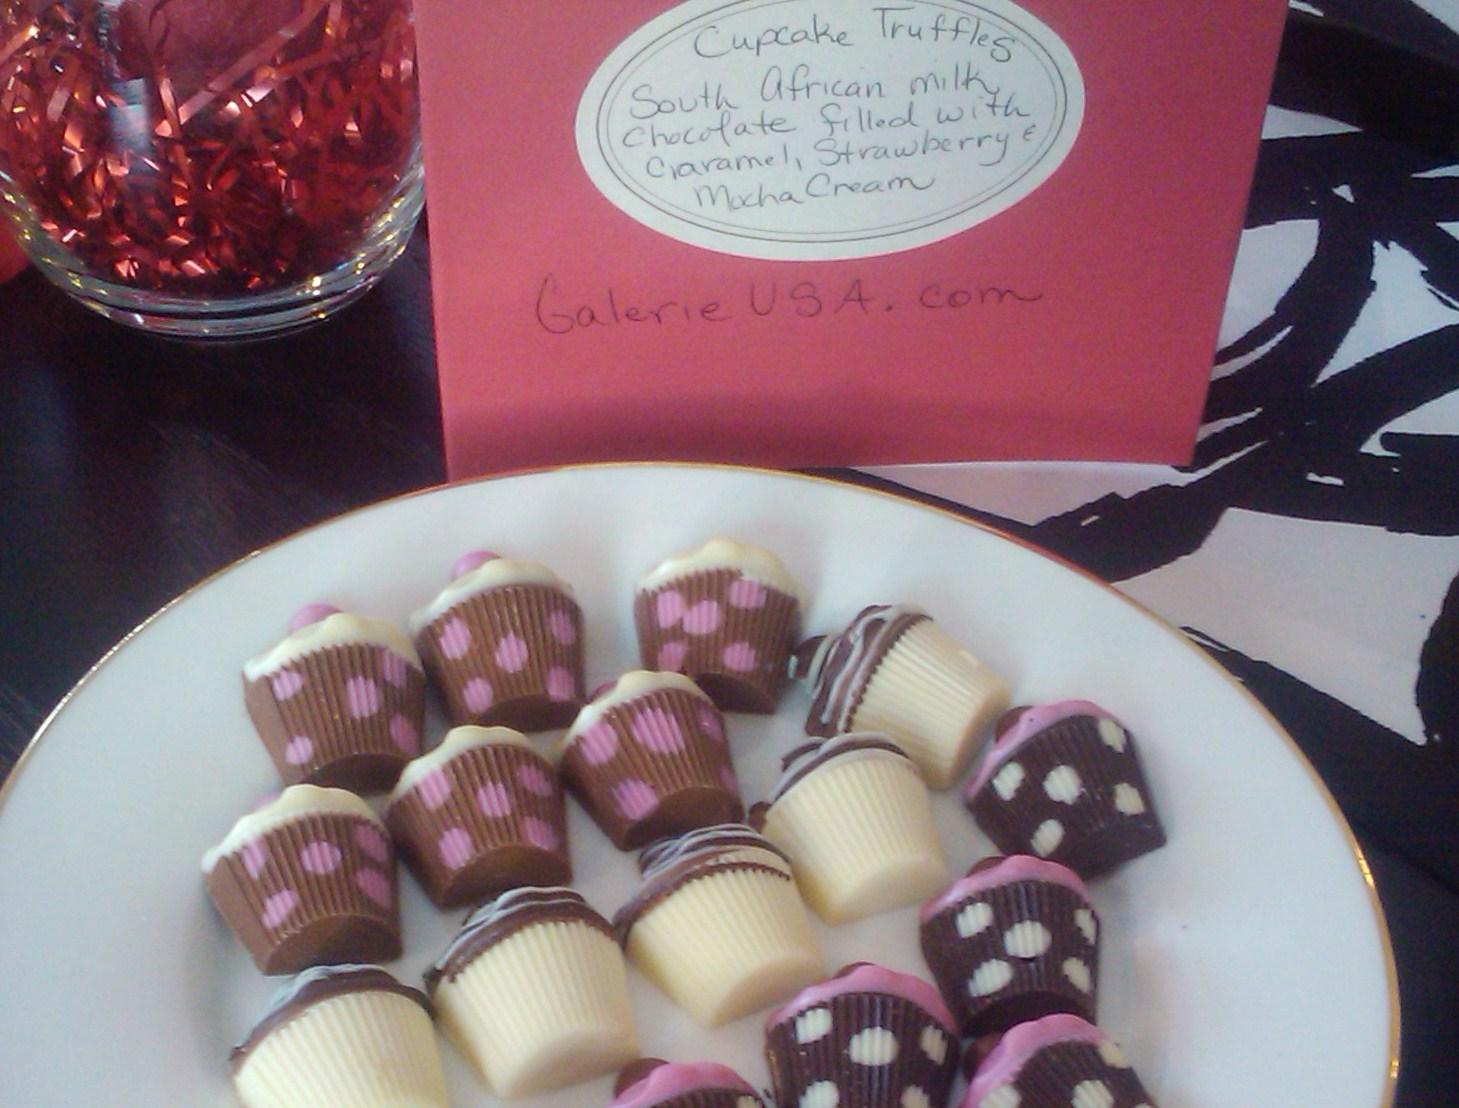 Cupcake truffles... yum